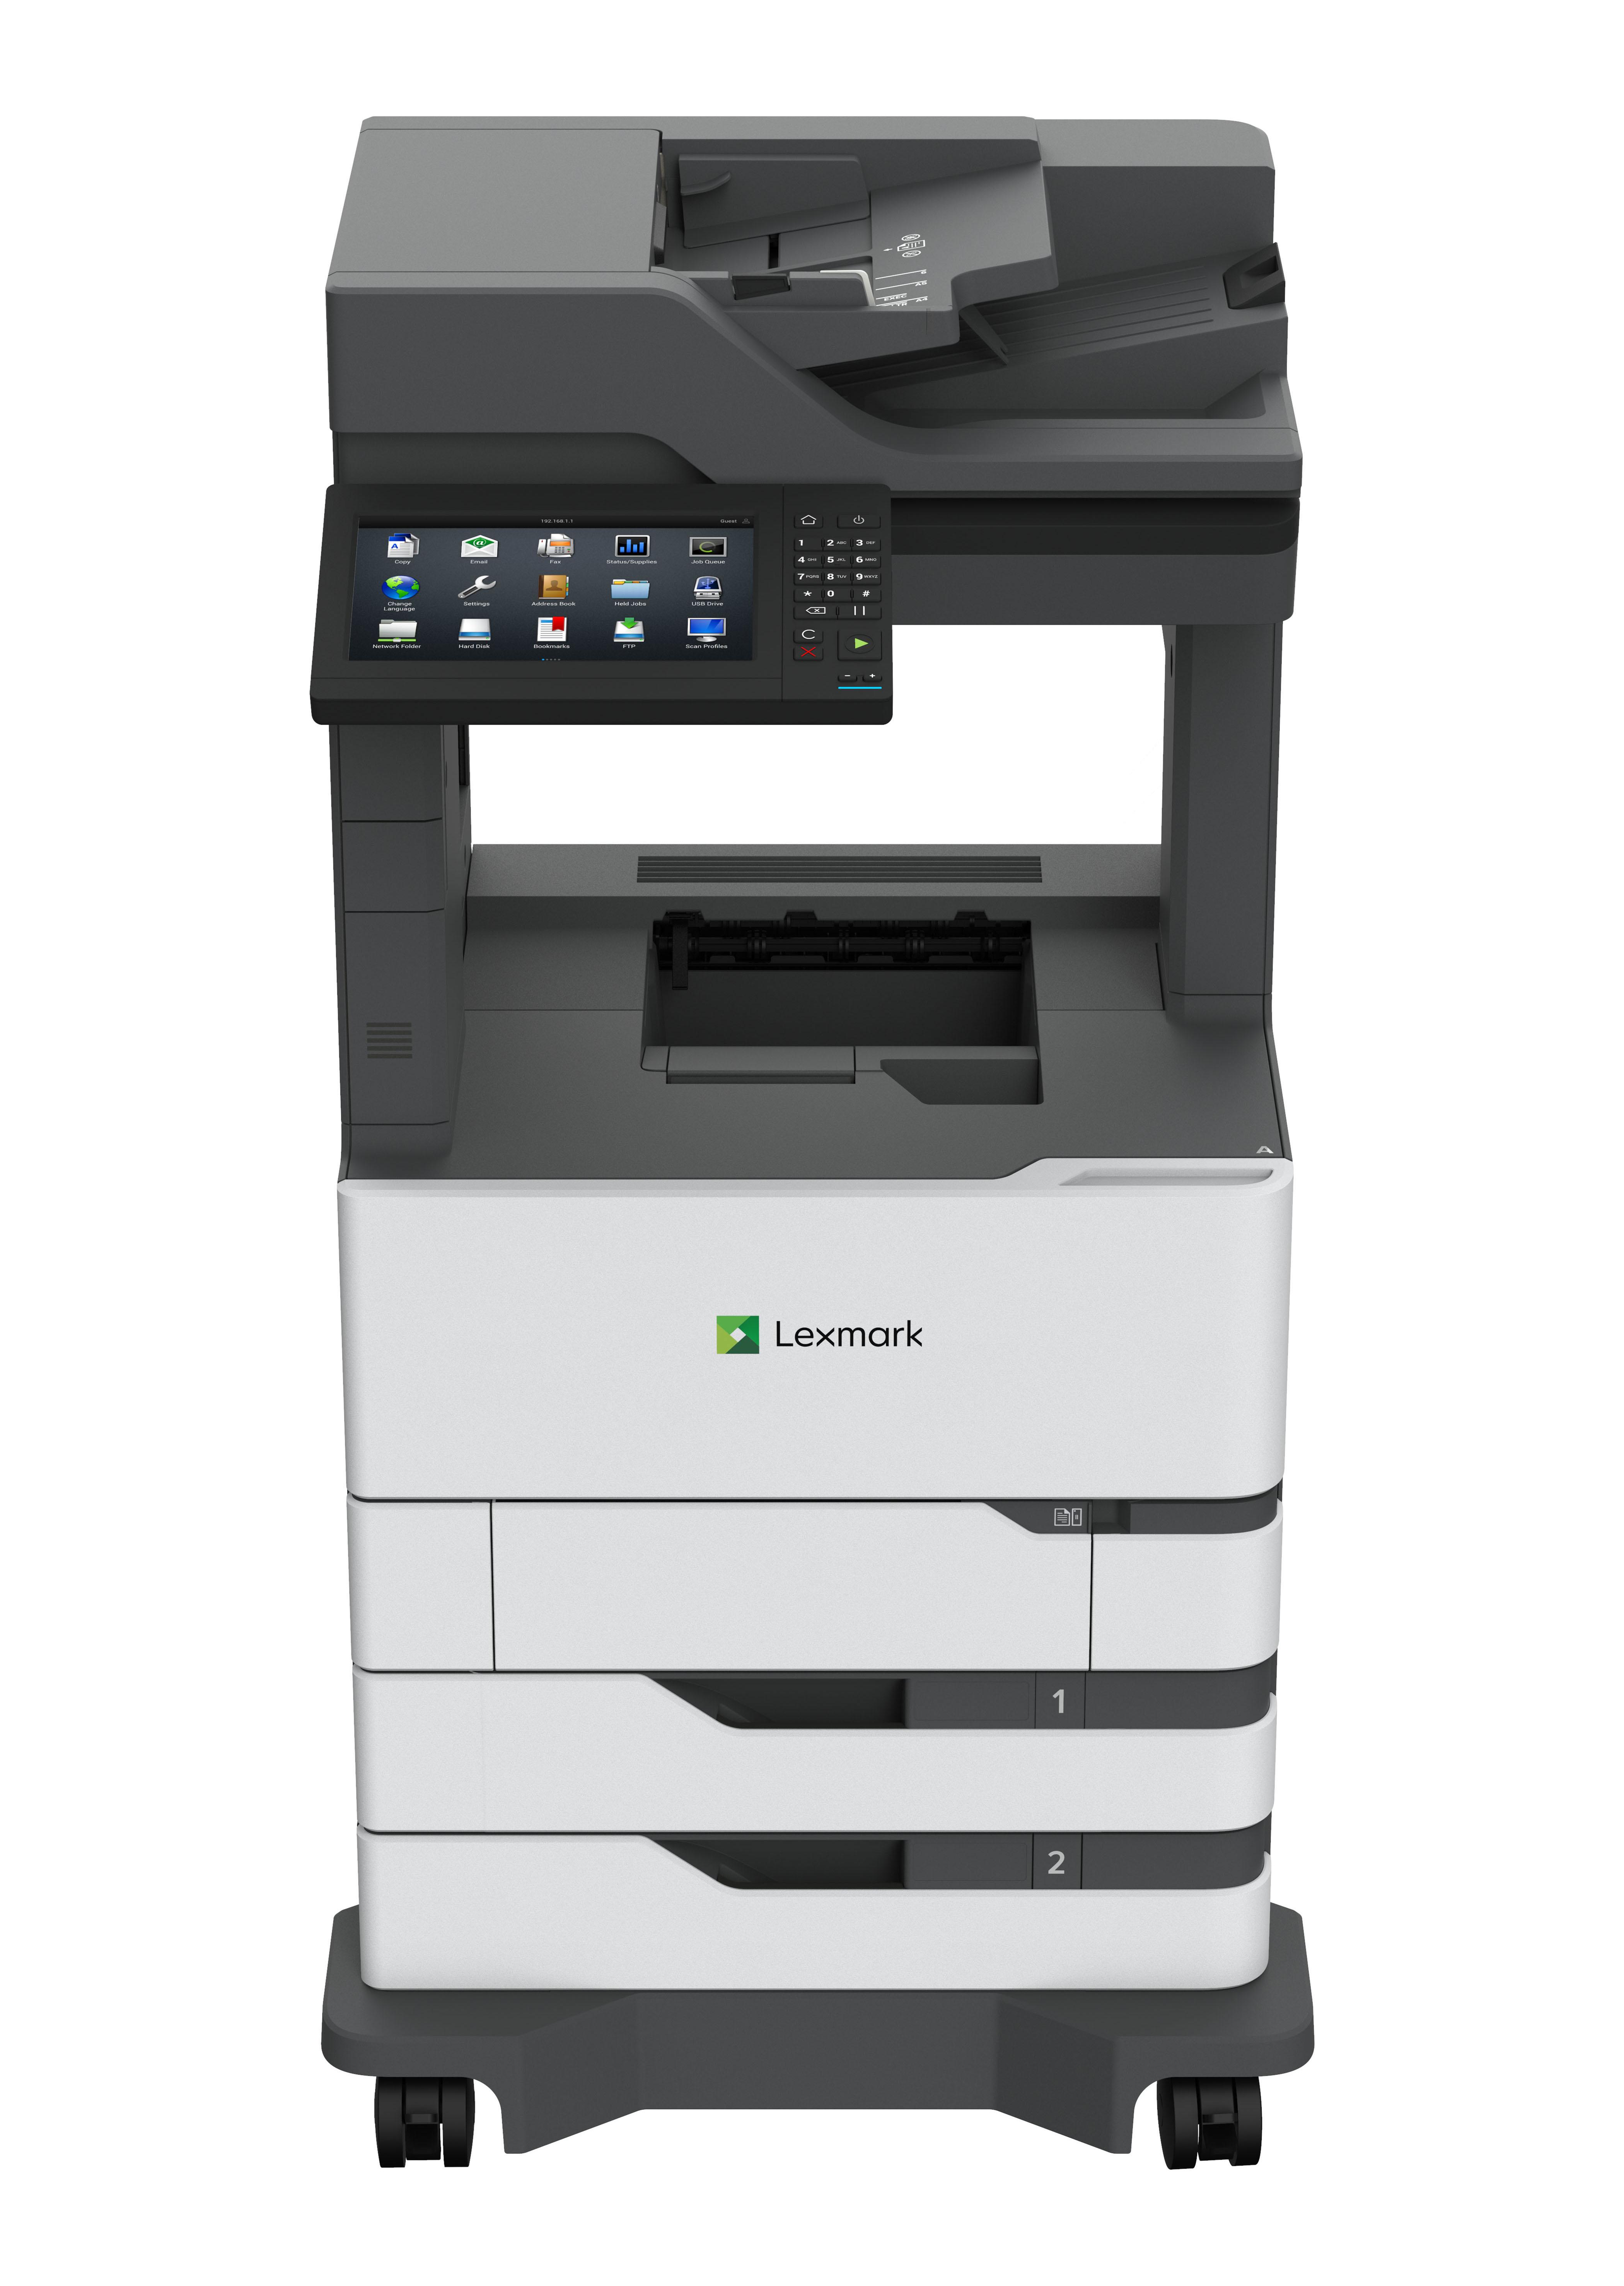 Lexmark XM7355